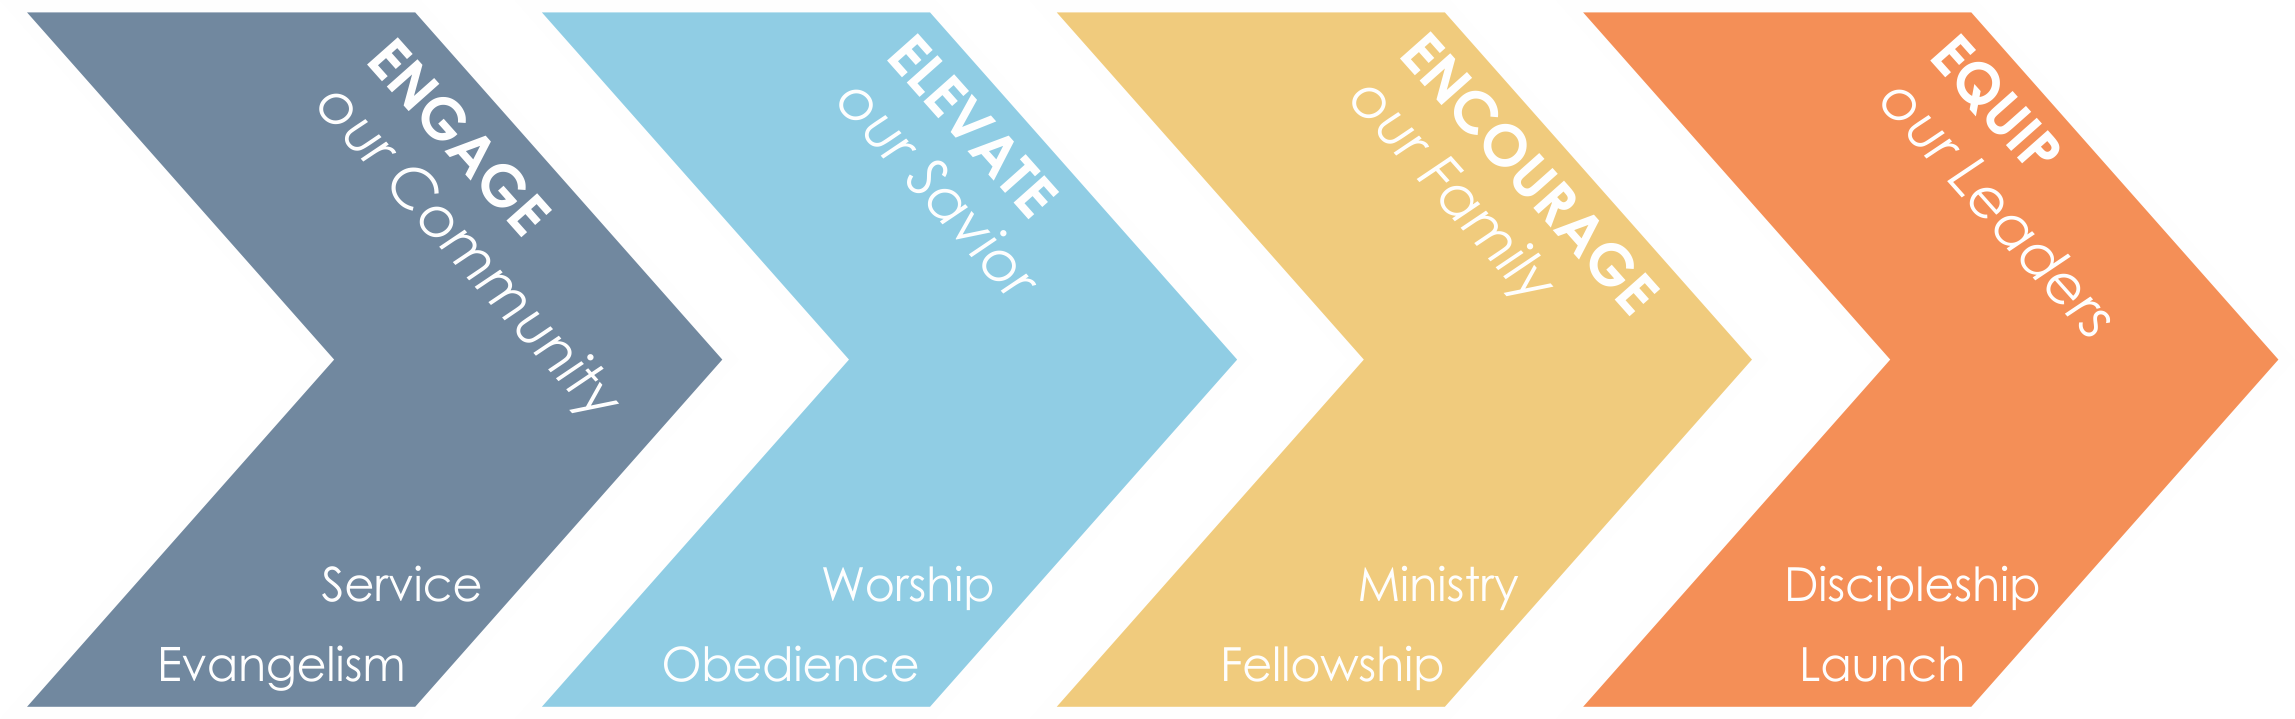 discipleship process.png